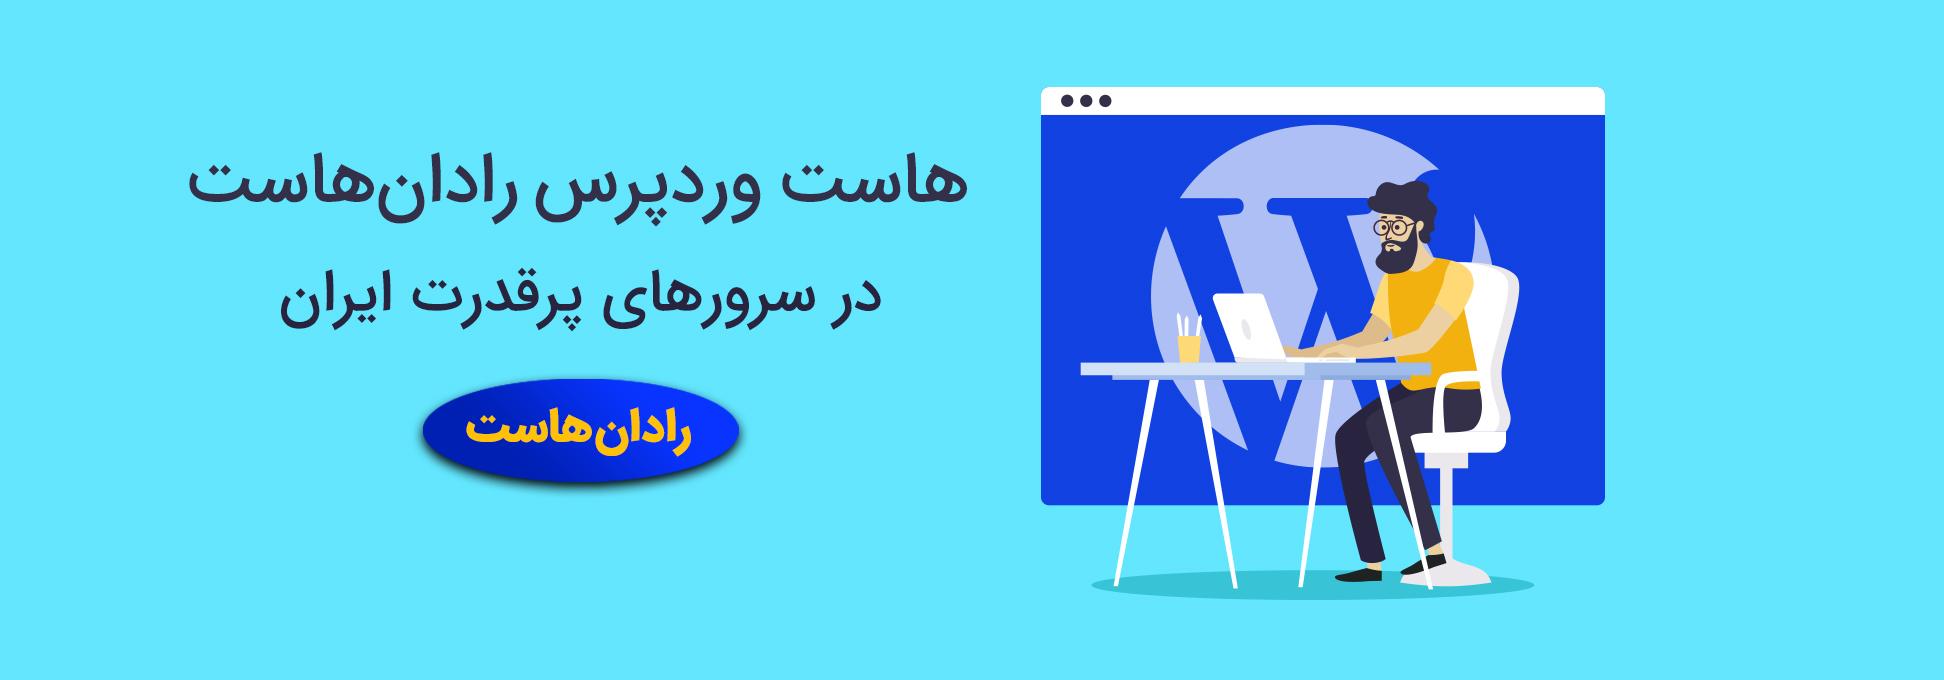 هاست وردپرس ایران